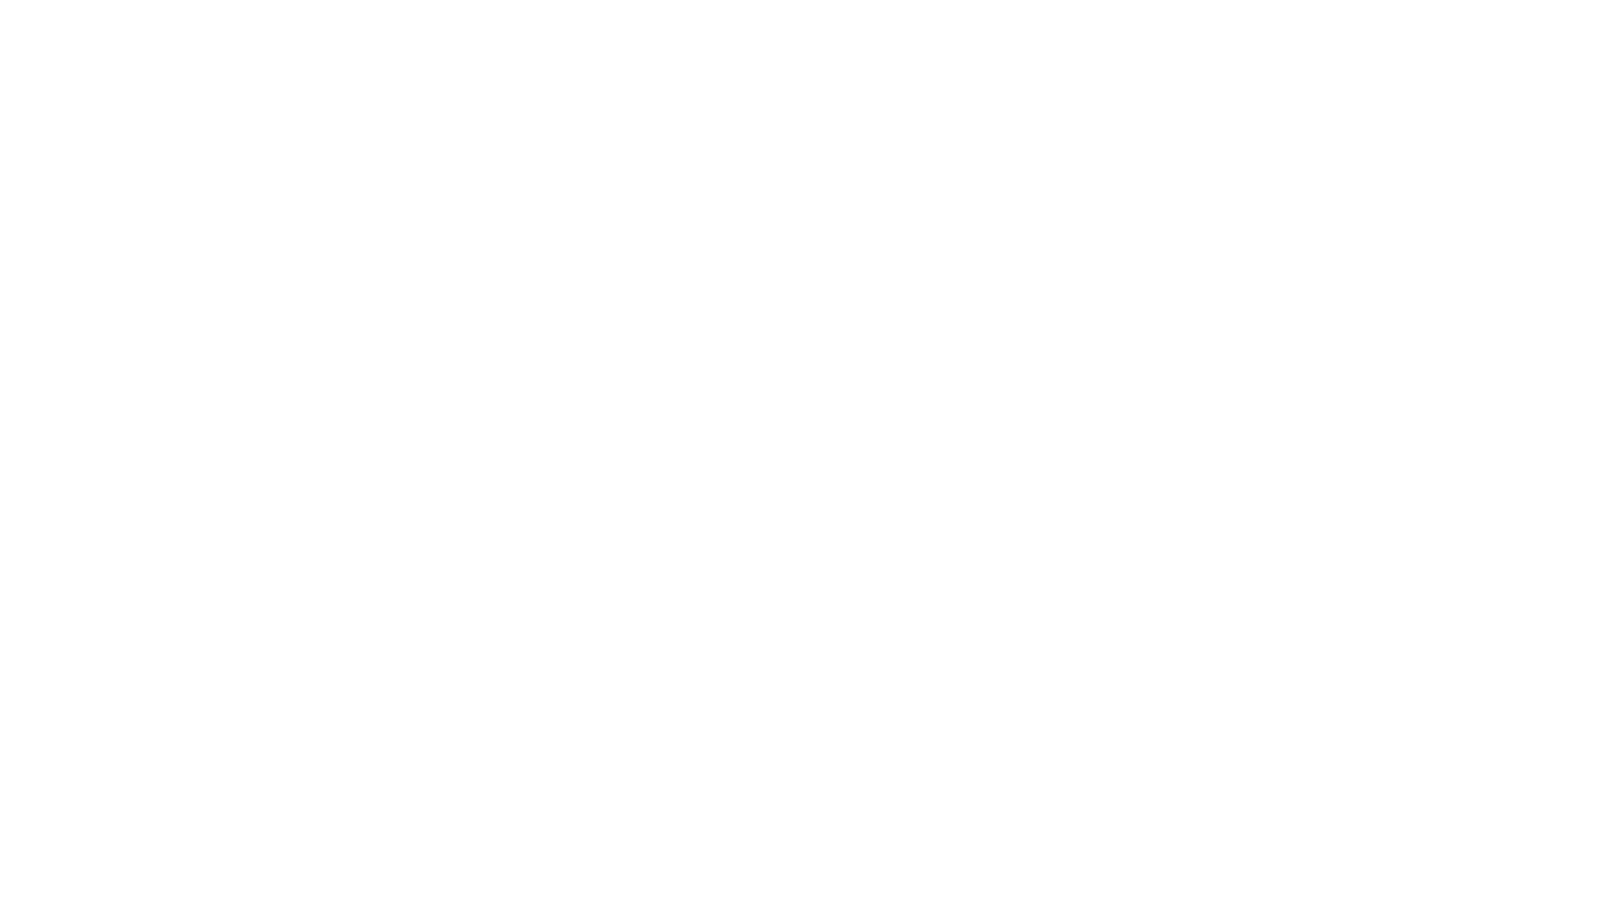 Även under svåra samhällsförändringar fortsätter Corus Acusticus med vårt sjungande. Gå till vår hemsida acusticus.se eller Facebooksida för att veta mer om oss.  Text och musik - Håkan Hellström Arrangemang - Olov Svedjeland